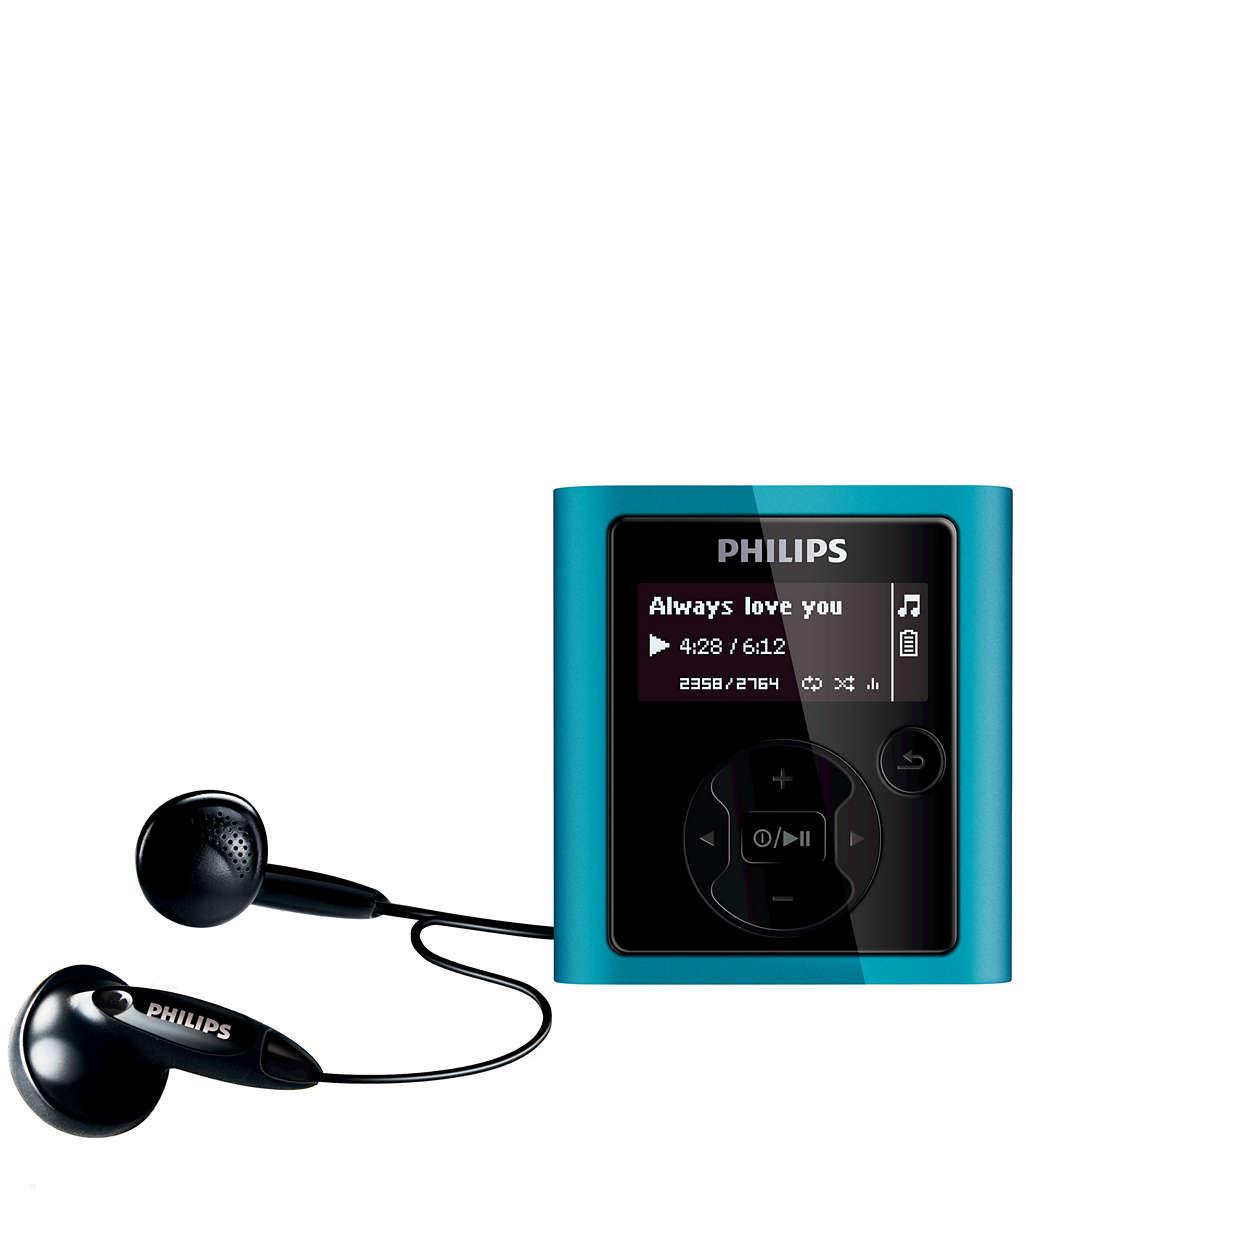 Música digital - a qualquer momento